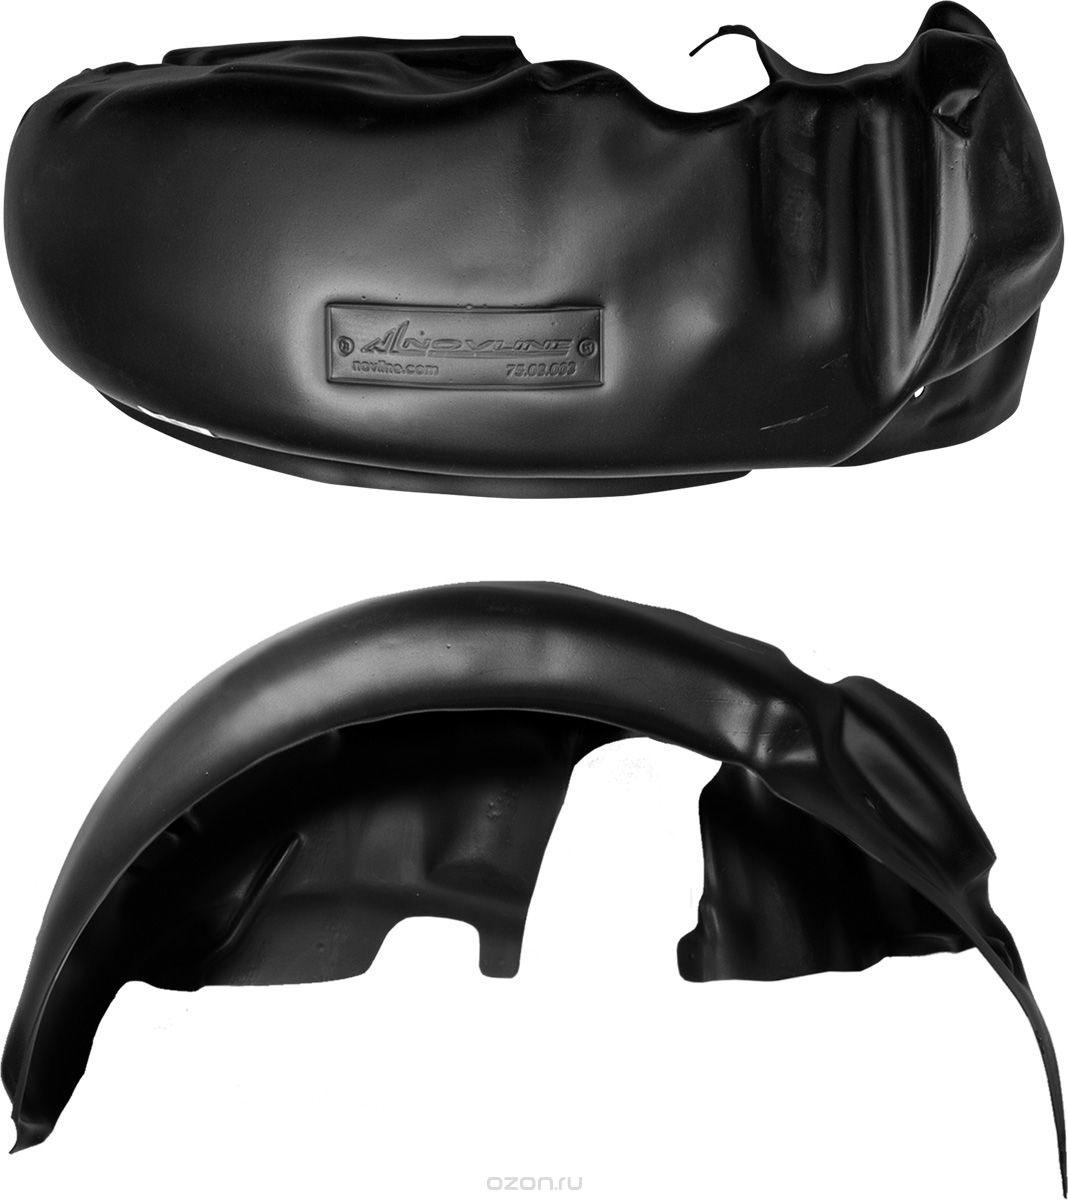 Подкрылок Novline-Autofamily, для MITSUBISHI Lancer X 03/2007->, хб., задний правыйNLL.35.19.004Идеальная защита колесной ниши. Локеры разработаны с применением цифровых технологий, гарантируют максимальную повторяемость поверхности арки. Изделия устанавливаются без нарушения лакокрасочного покрытия автомобиля, каждый подкрылок комплектуется крепежом. Уважаемые клиенты, обращаем ваше внимание, что фотографии на подкрылки универсальные и не отражают реальную форму изделия. При этом само изделие идет точно под размер указанного автомобиля.